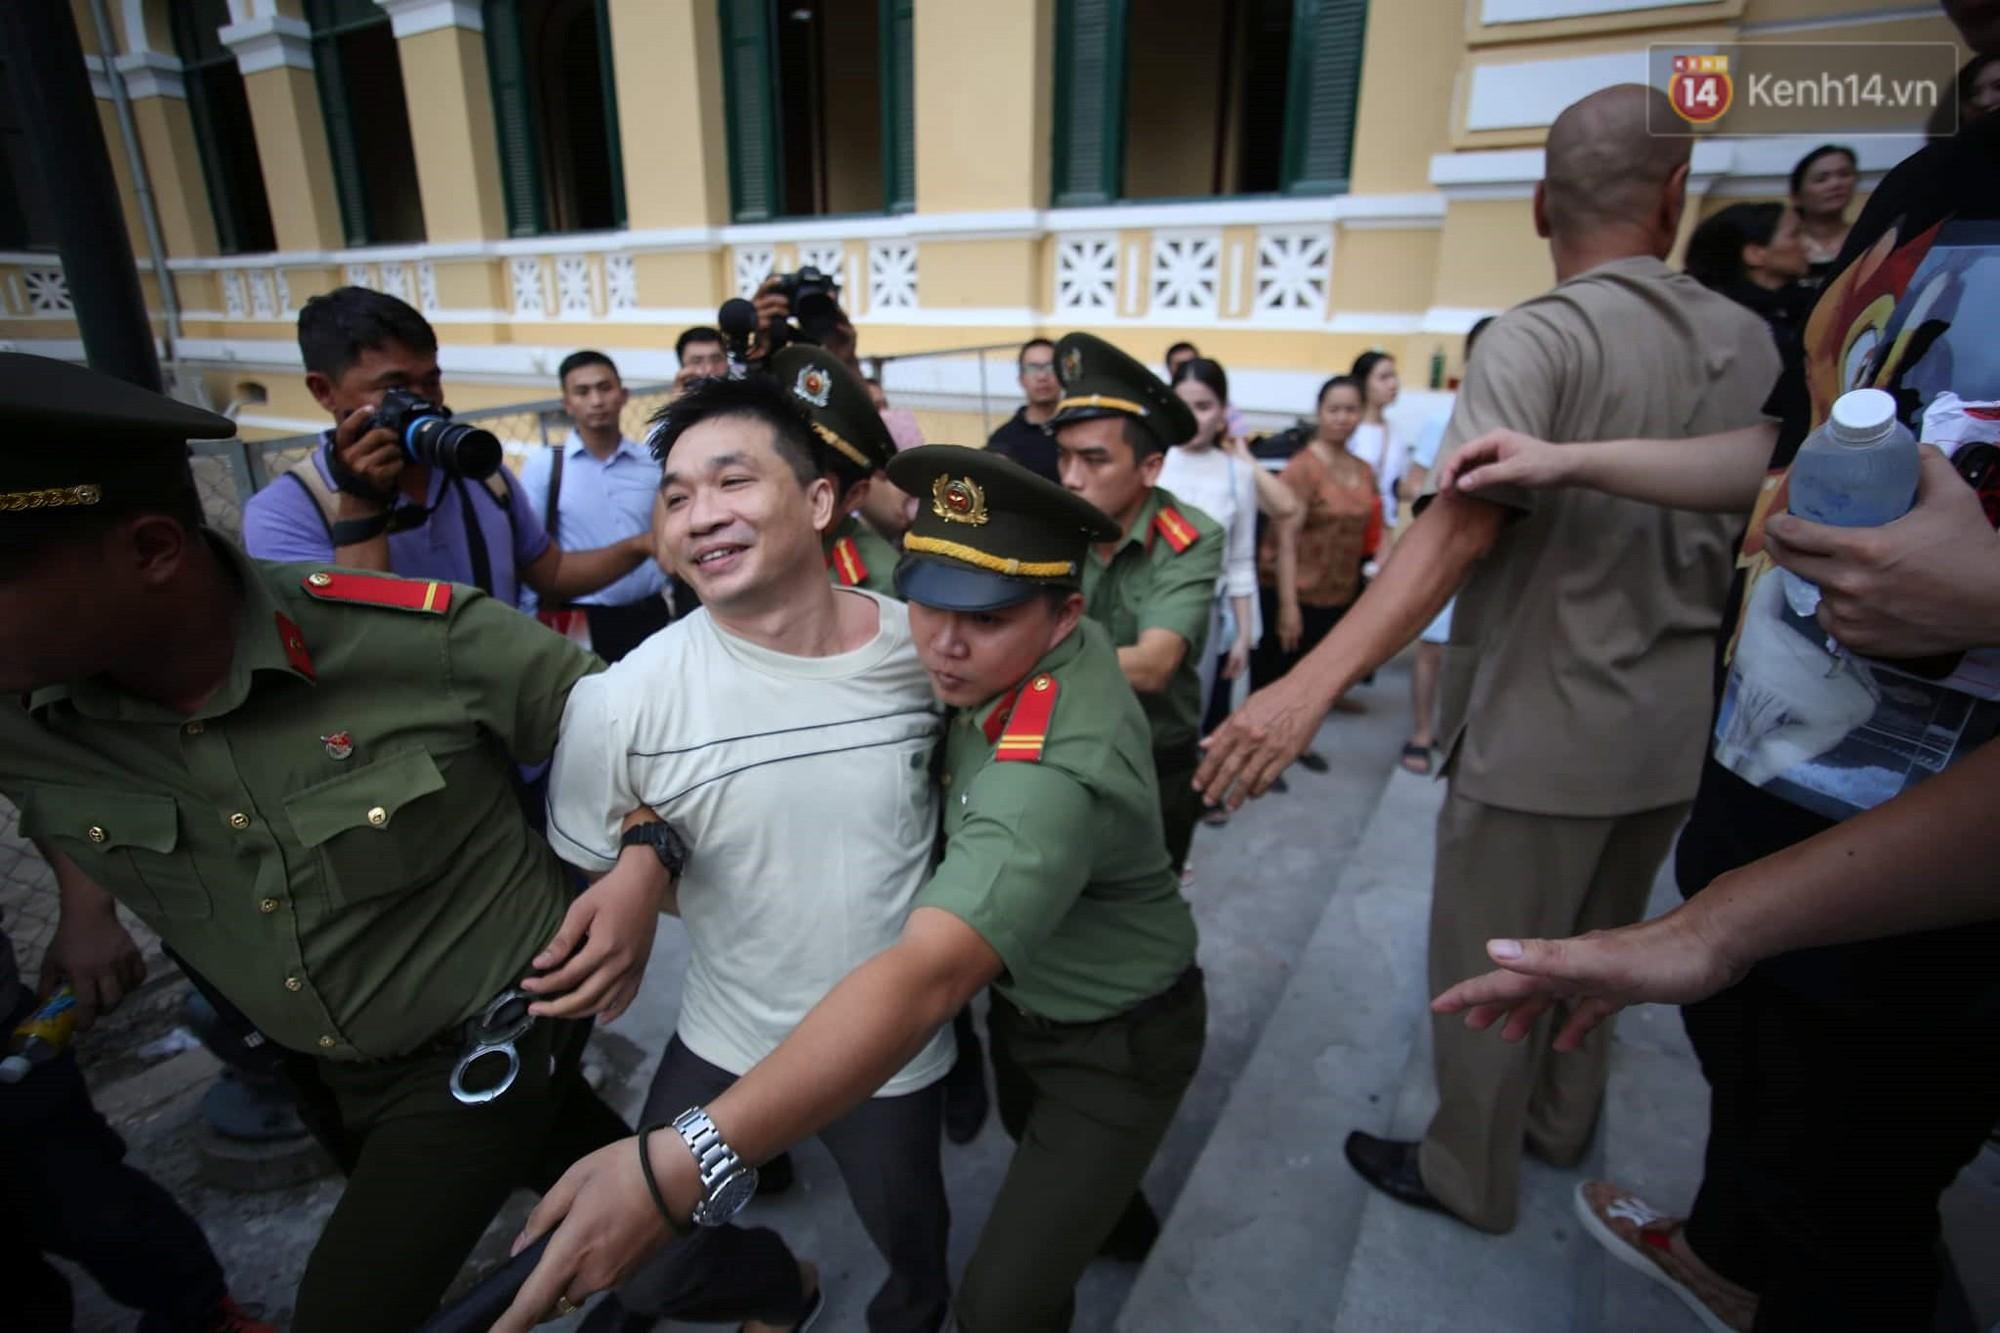 Cha của Văn Kính Dương giao 4 tỷ đồng cho con trai, tòa đề nghị điều tra dấu hiệu vi phạm - Ảnh 1.